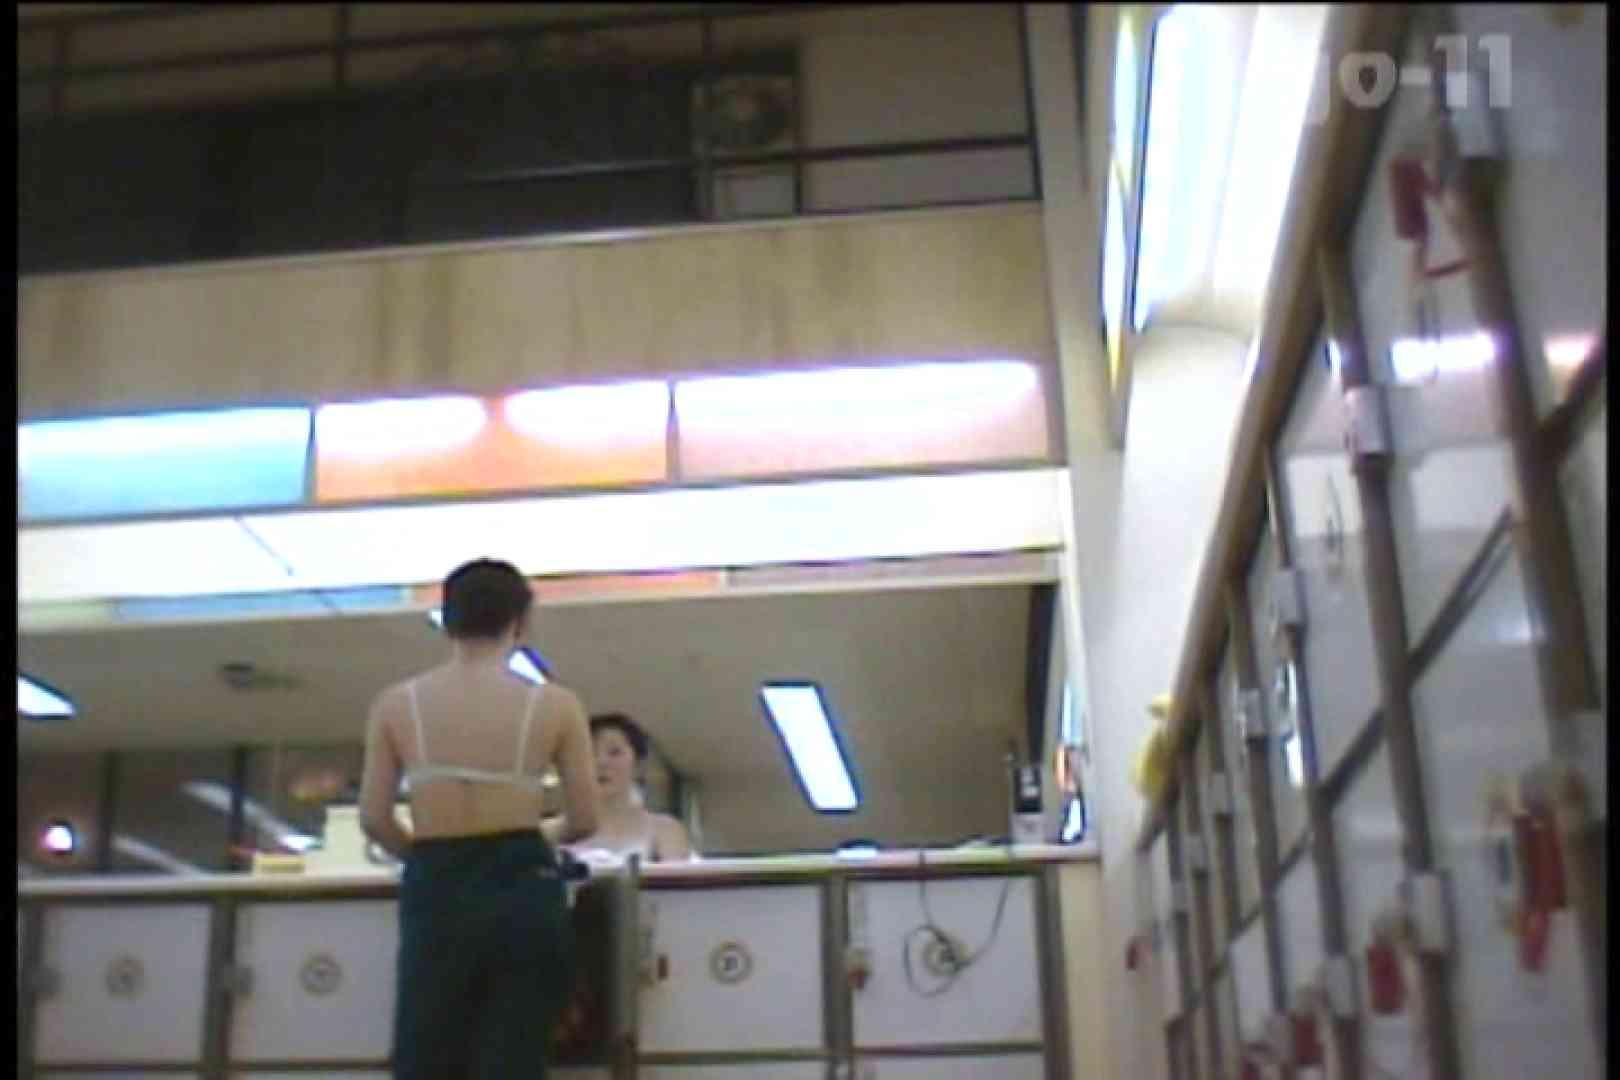 電波カメラ設置浴場からの防HAN映像 Vol.11 OL女体  55連発 36